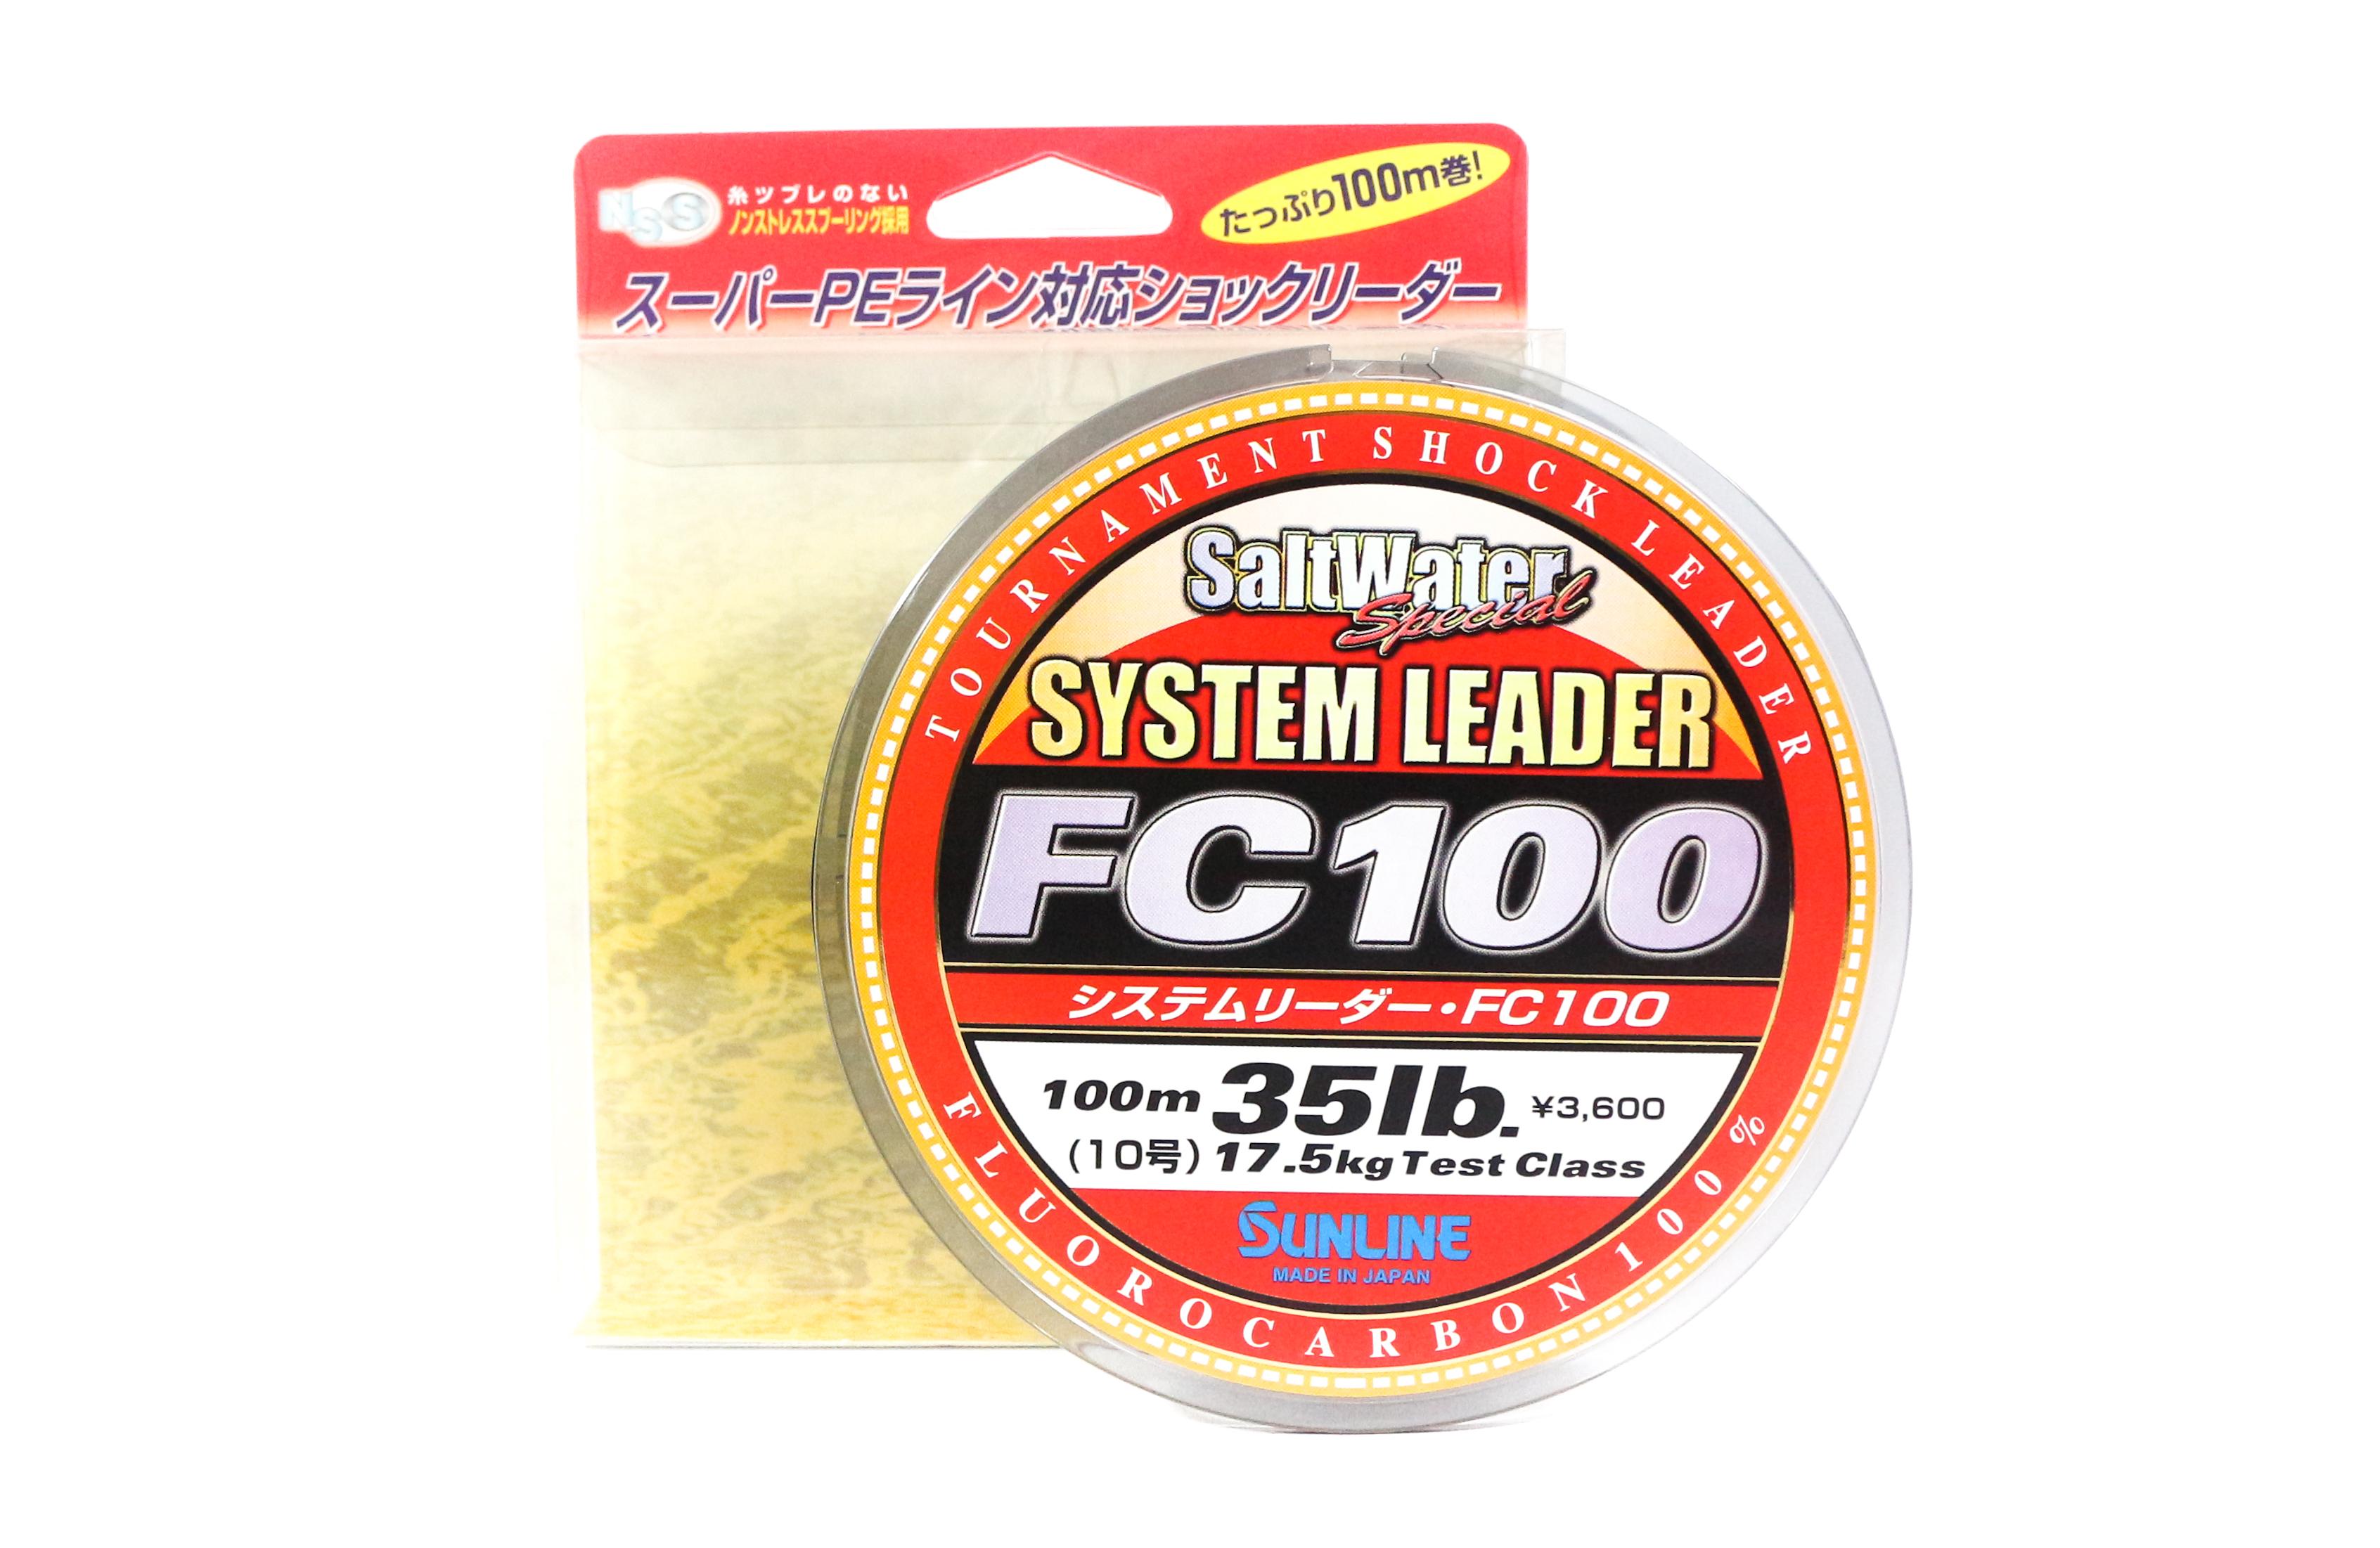 Sunline System 100 Fluorocarbon Shock Leader Line 100m 35lb (1840)